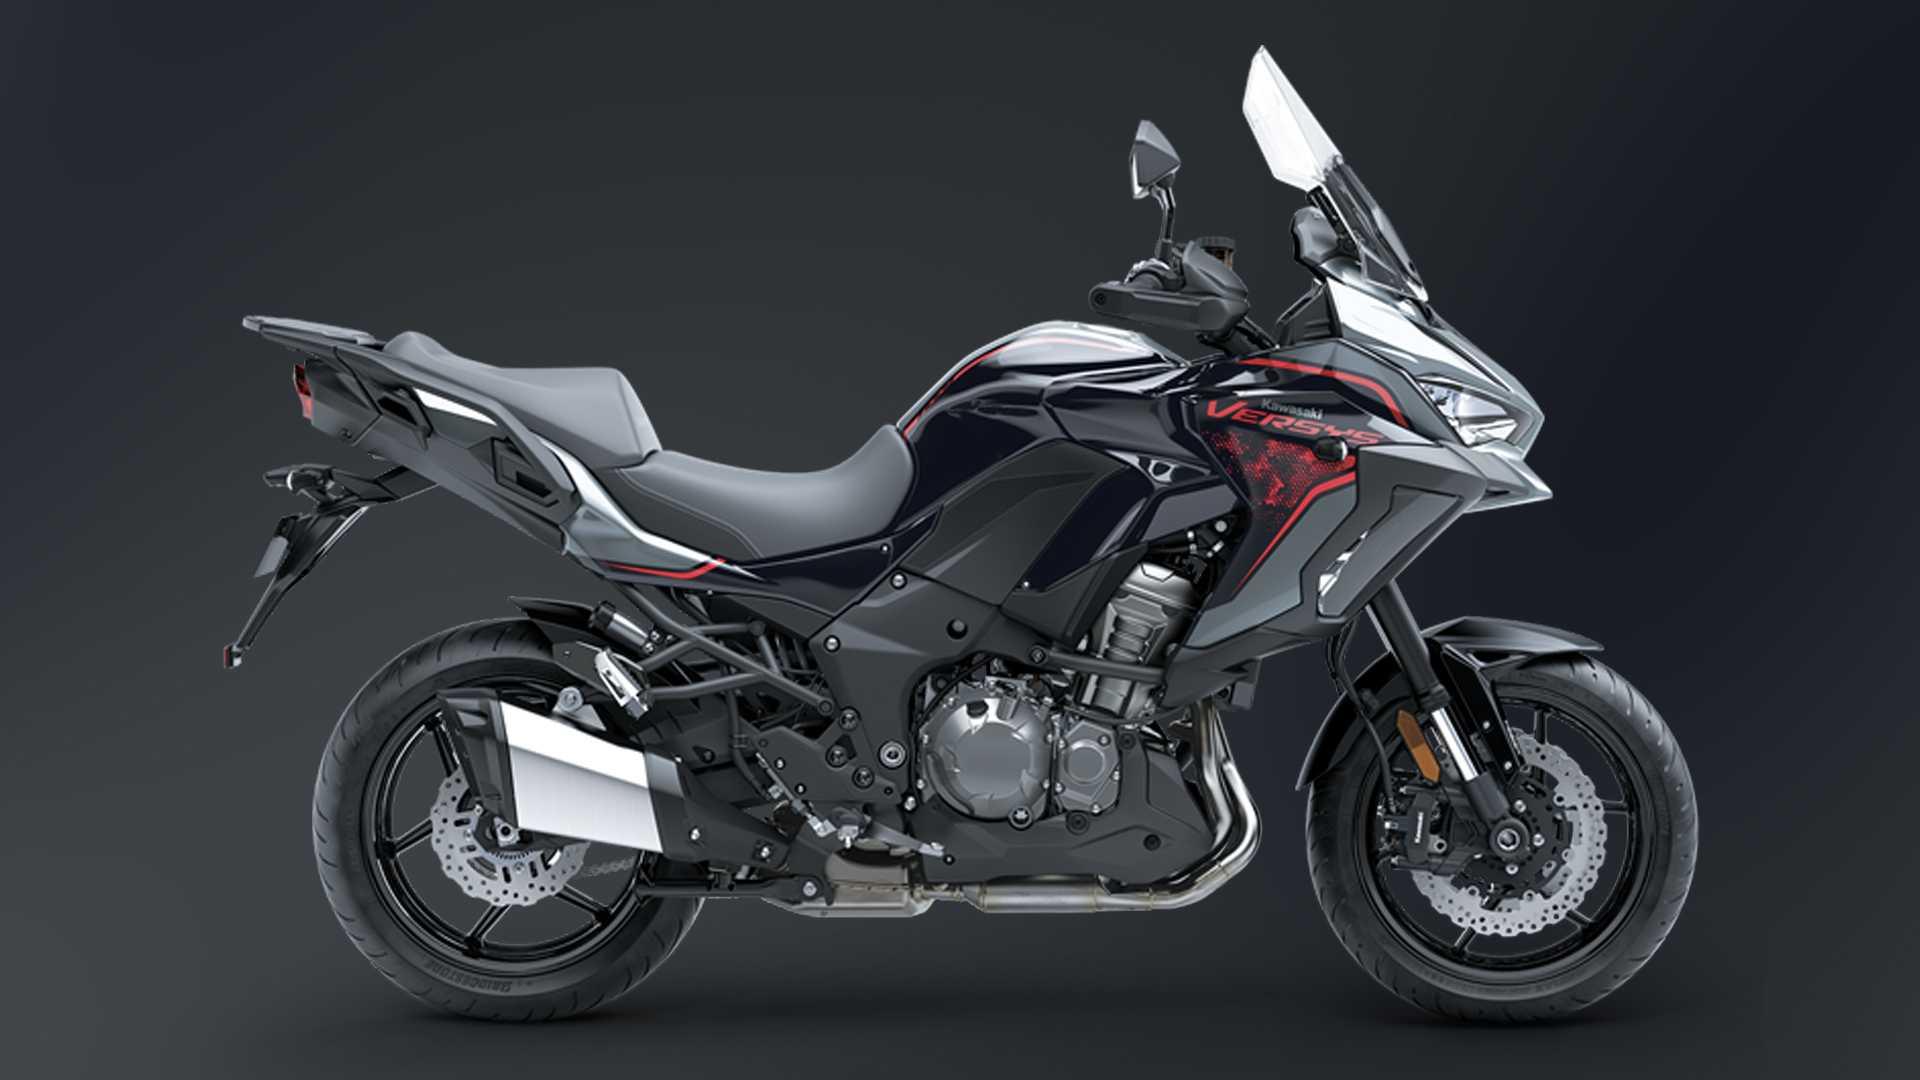 2021 Kawasaki Versys S 1000